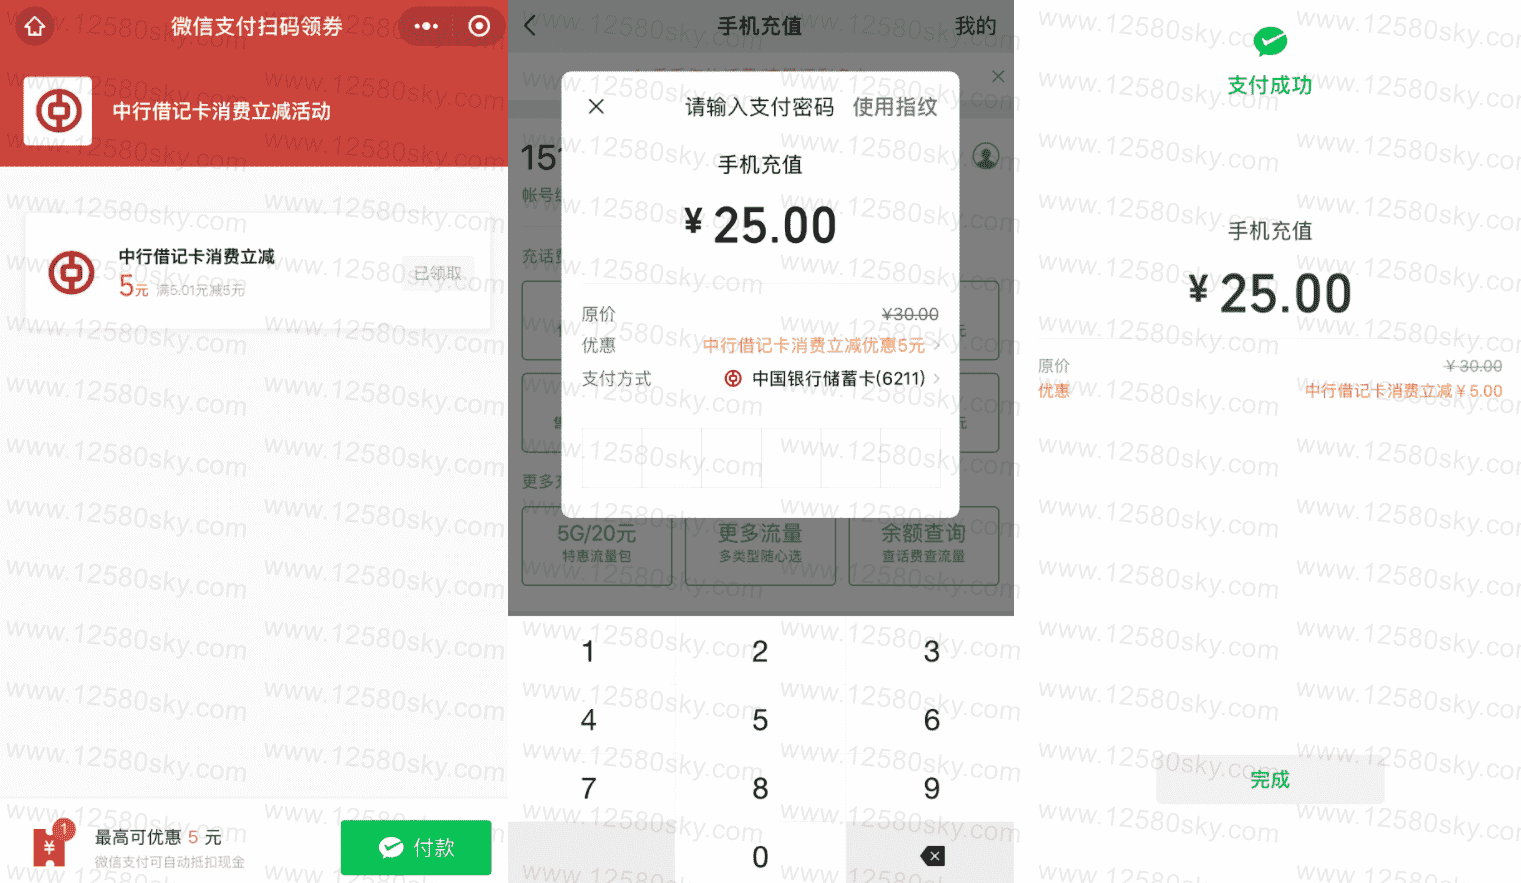 中国银行借记卡5元无门槛消费立减